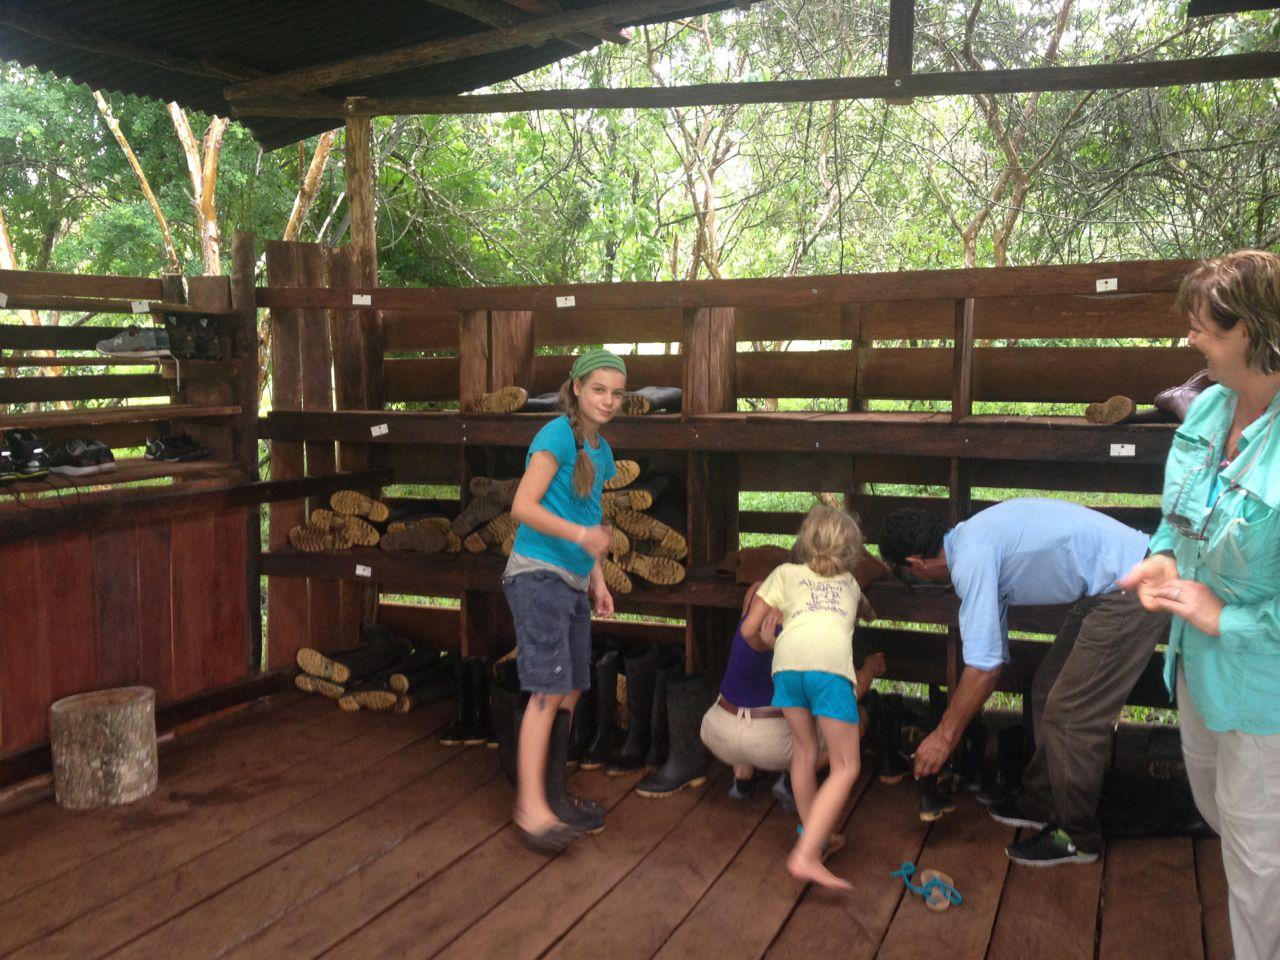 Gummistiefel gratis im Park bei den Riesenschildkröten